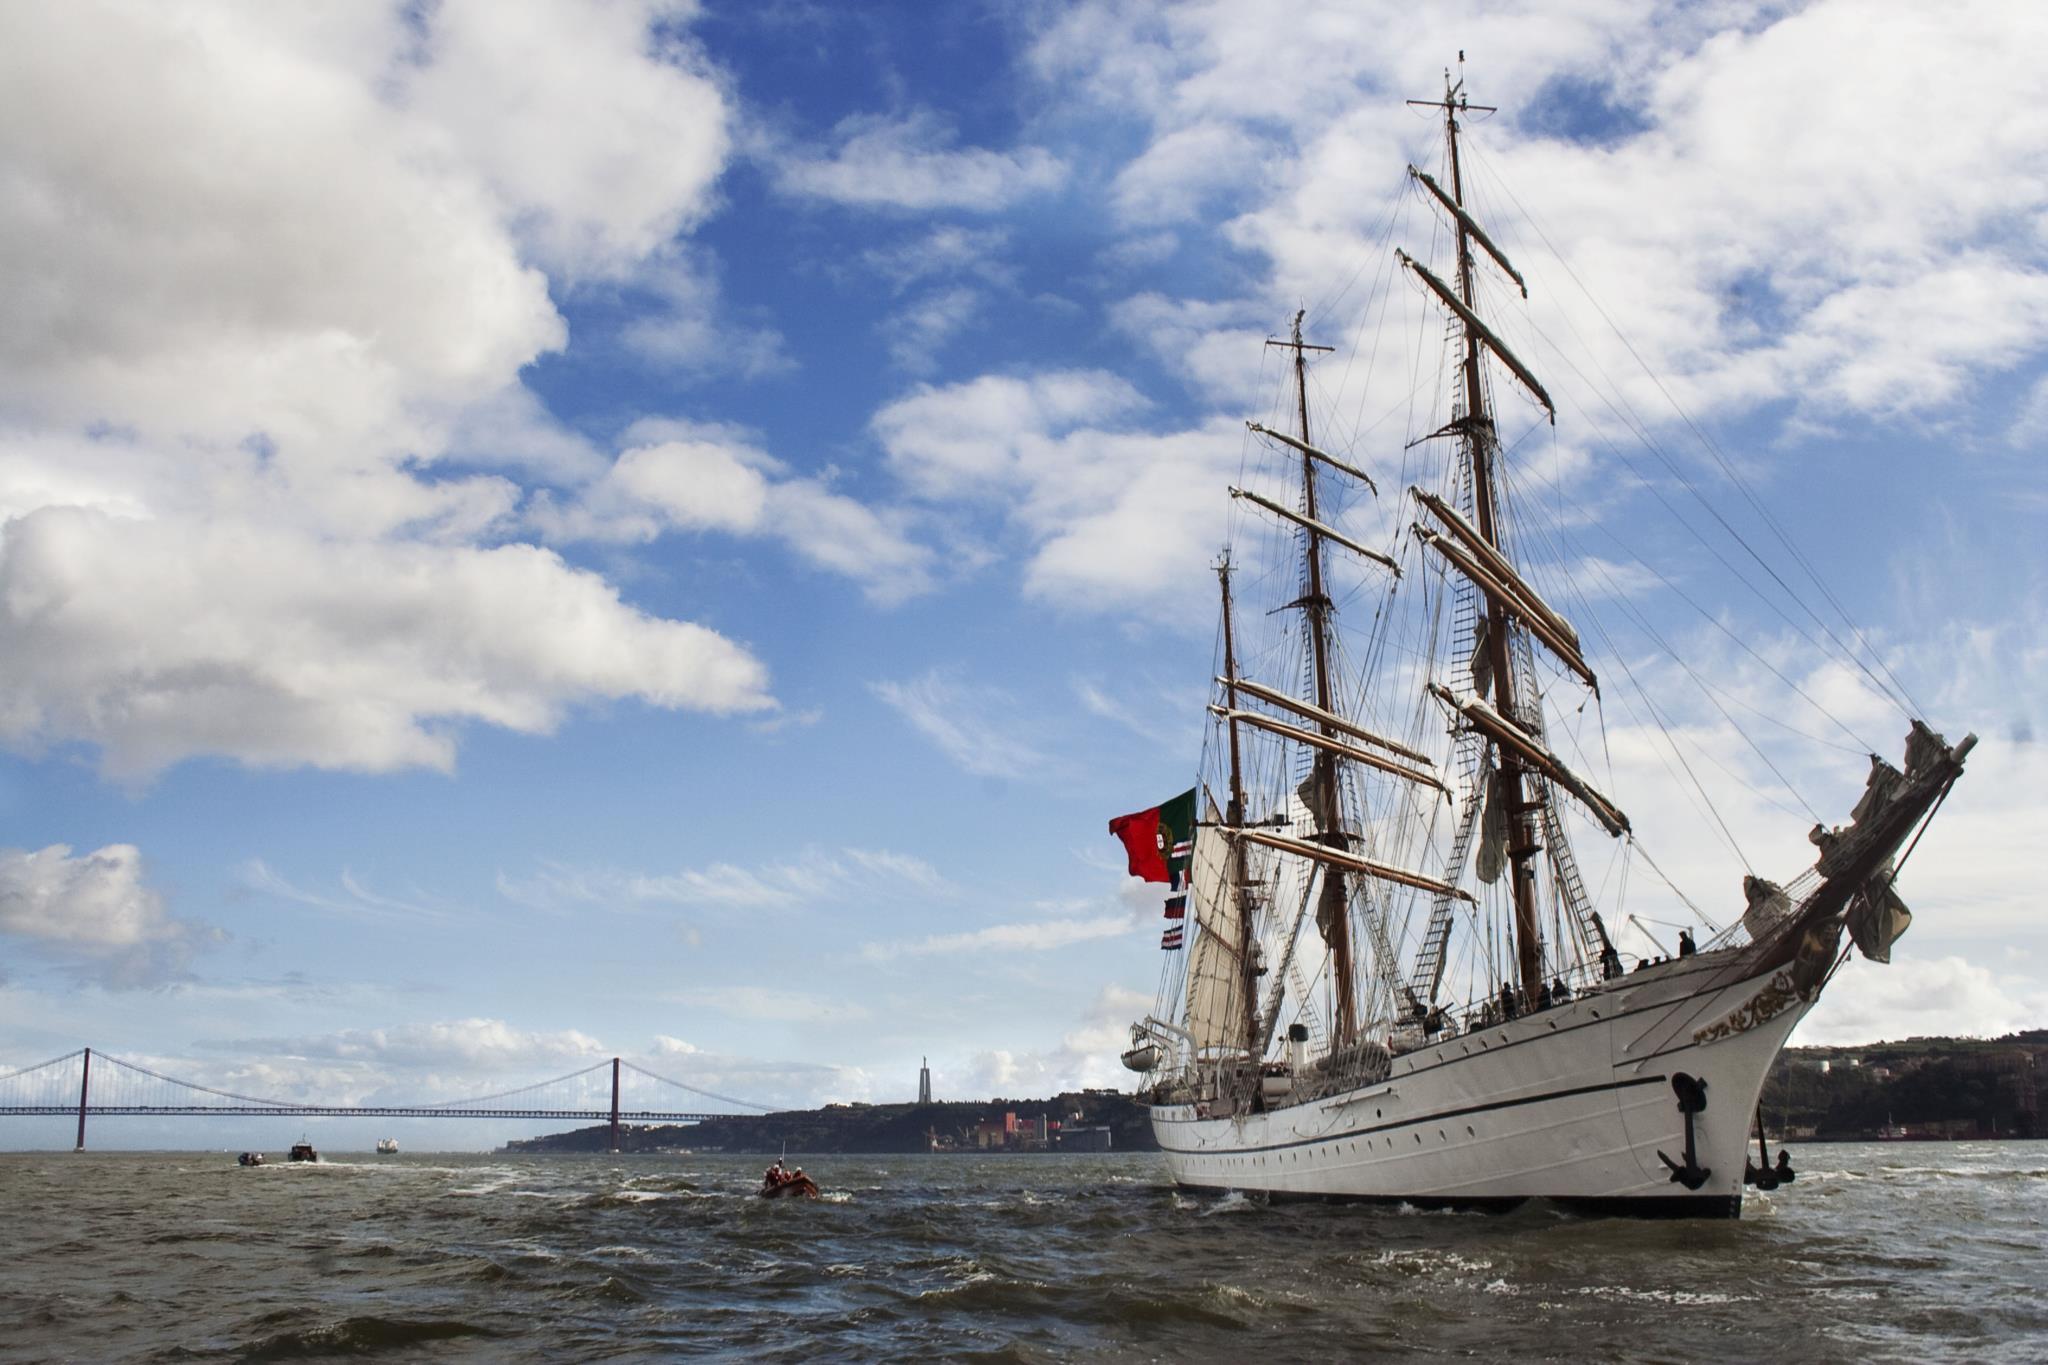 O navio-escola Sagres é uma das embarcações abertas a visitas durante a escala da Rendez-Vous 2017 Tall Ships Regatta em Sines